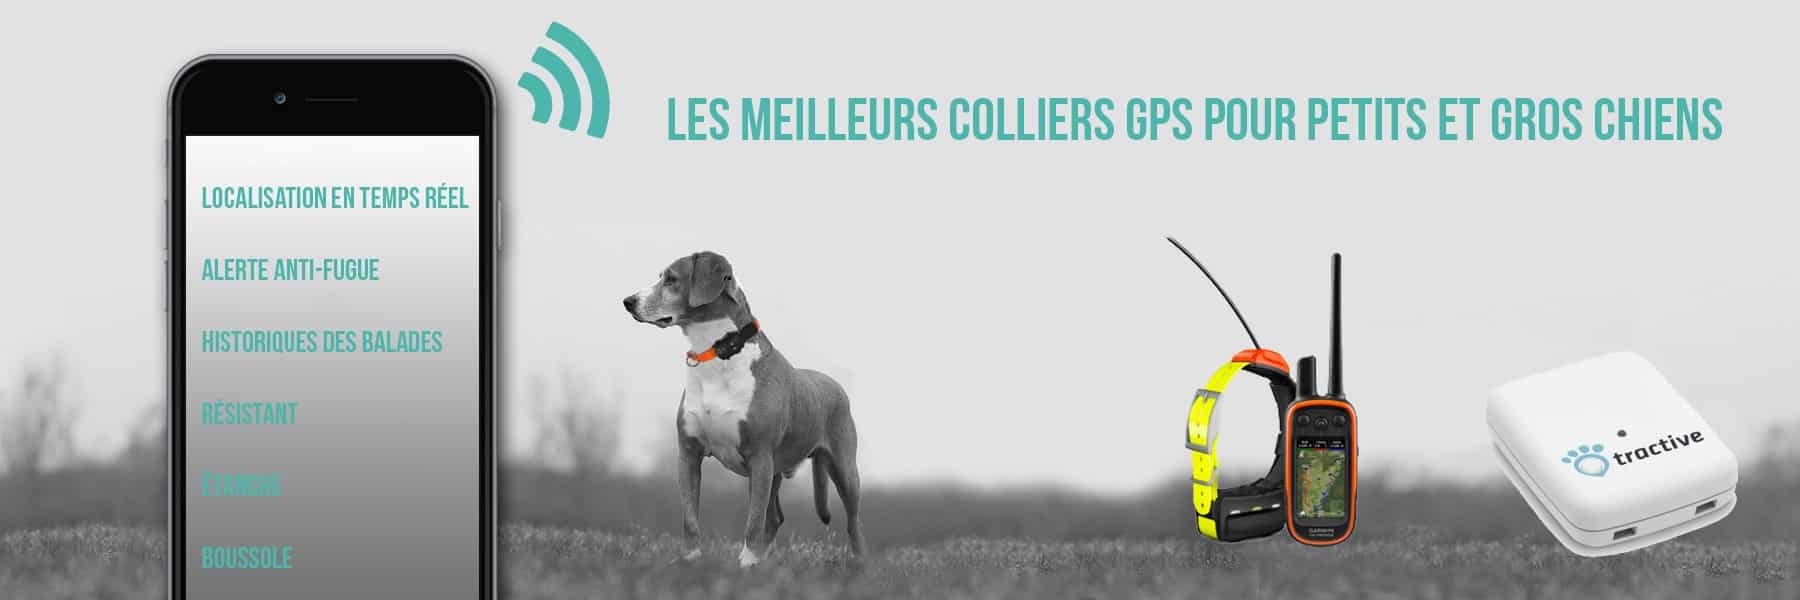 Classement des meilleurs colliers GPS pour chien